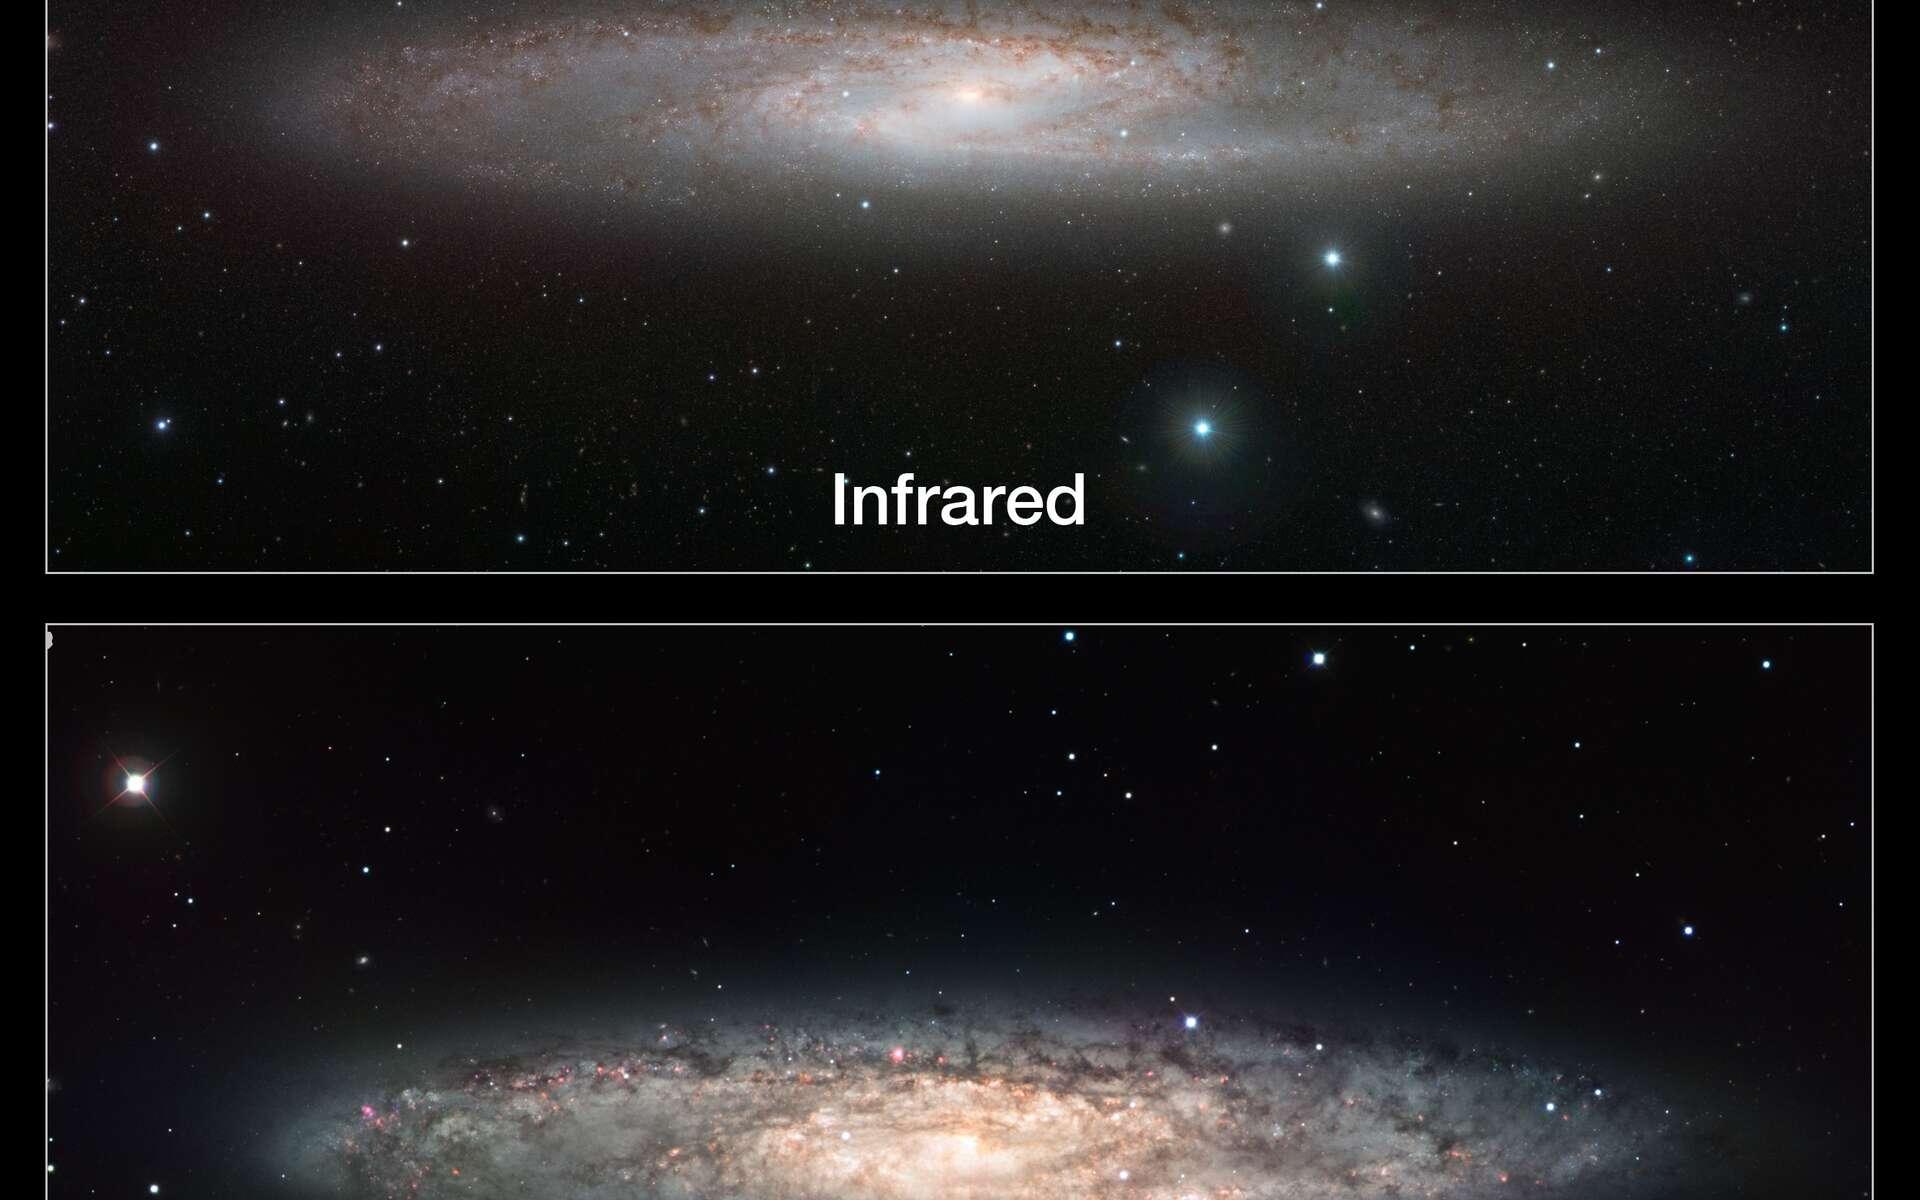 Alors que les images réalisées dans le visible montrent les nombreux nuages de poussière de la galaxie NGC 253, le cliché réalisé en infrarouge par Vista permet de révéler les astres froids à l'intérieur et autour de la galaxie. Crédit Eso